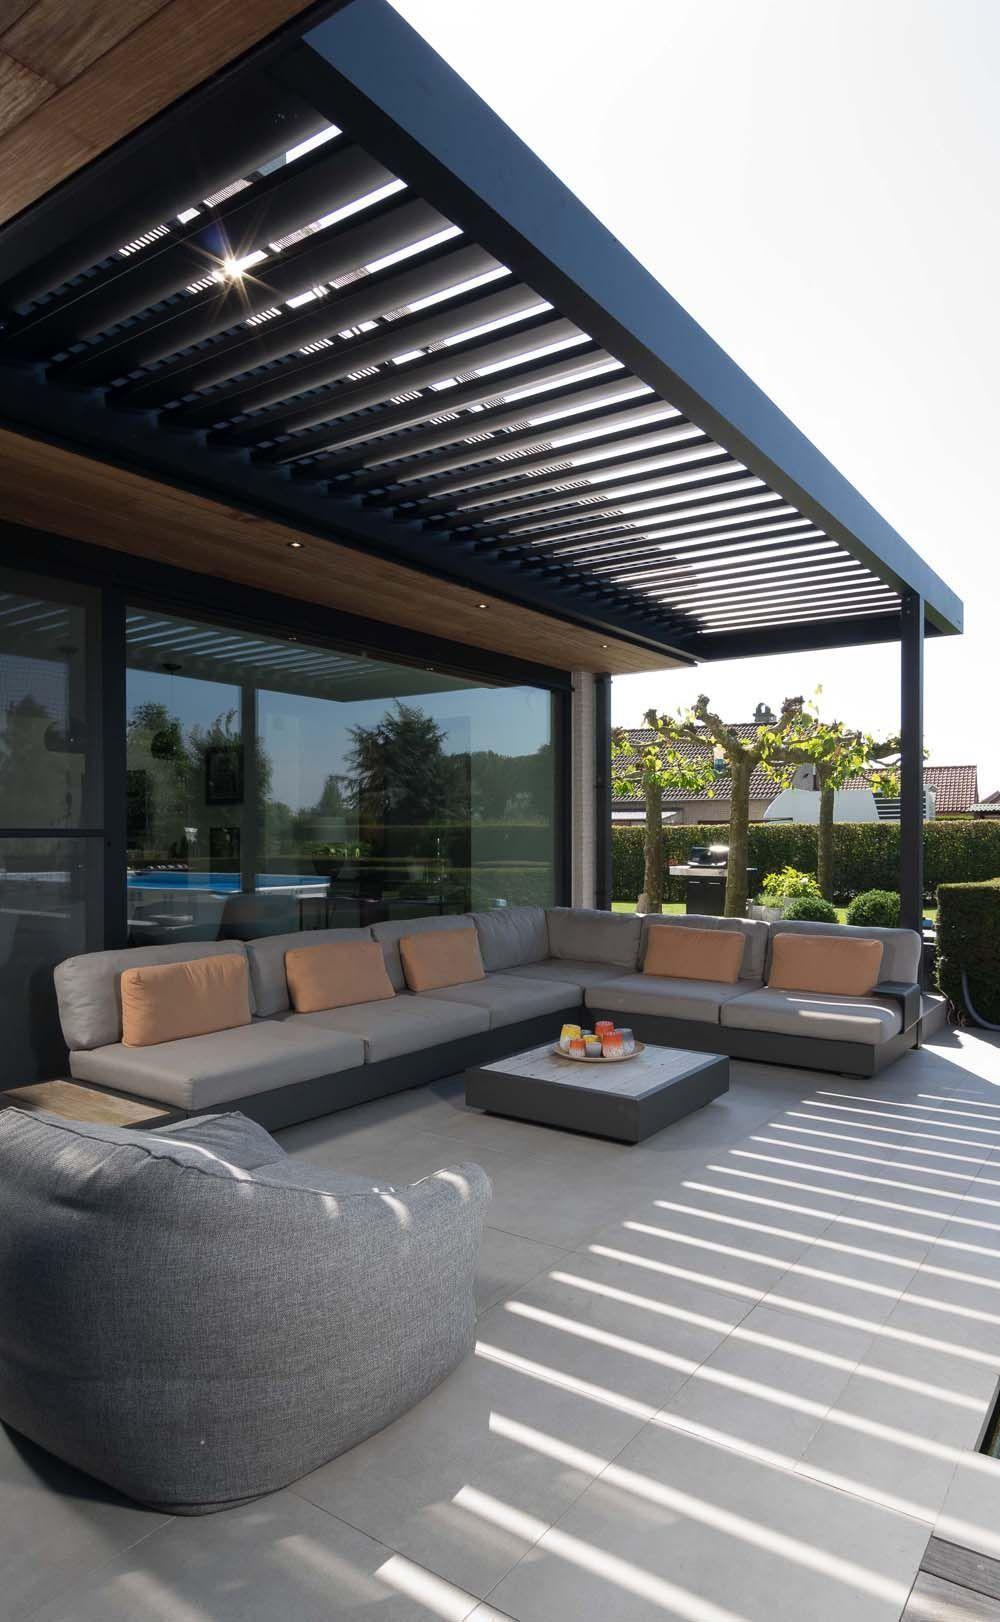 Möbel habe ich bereits #Überdachungterrasse Möbel habe ich bereits #sonnenschutzterrasse